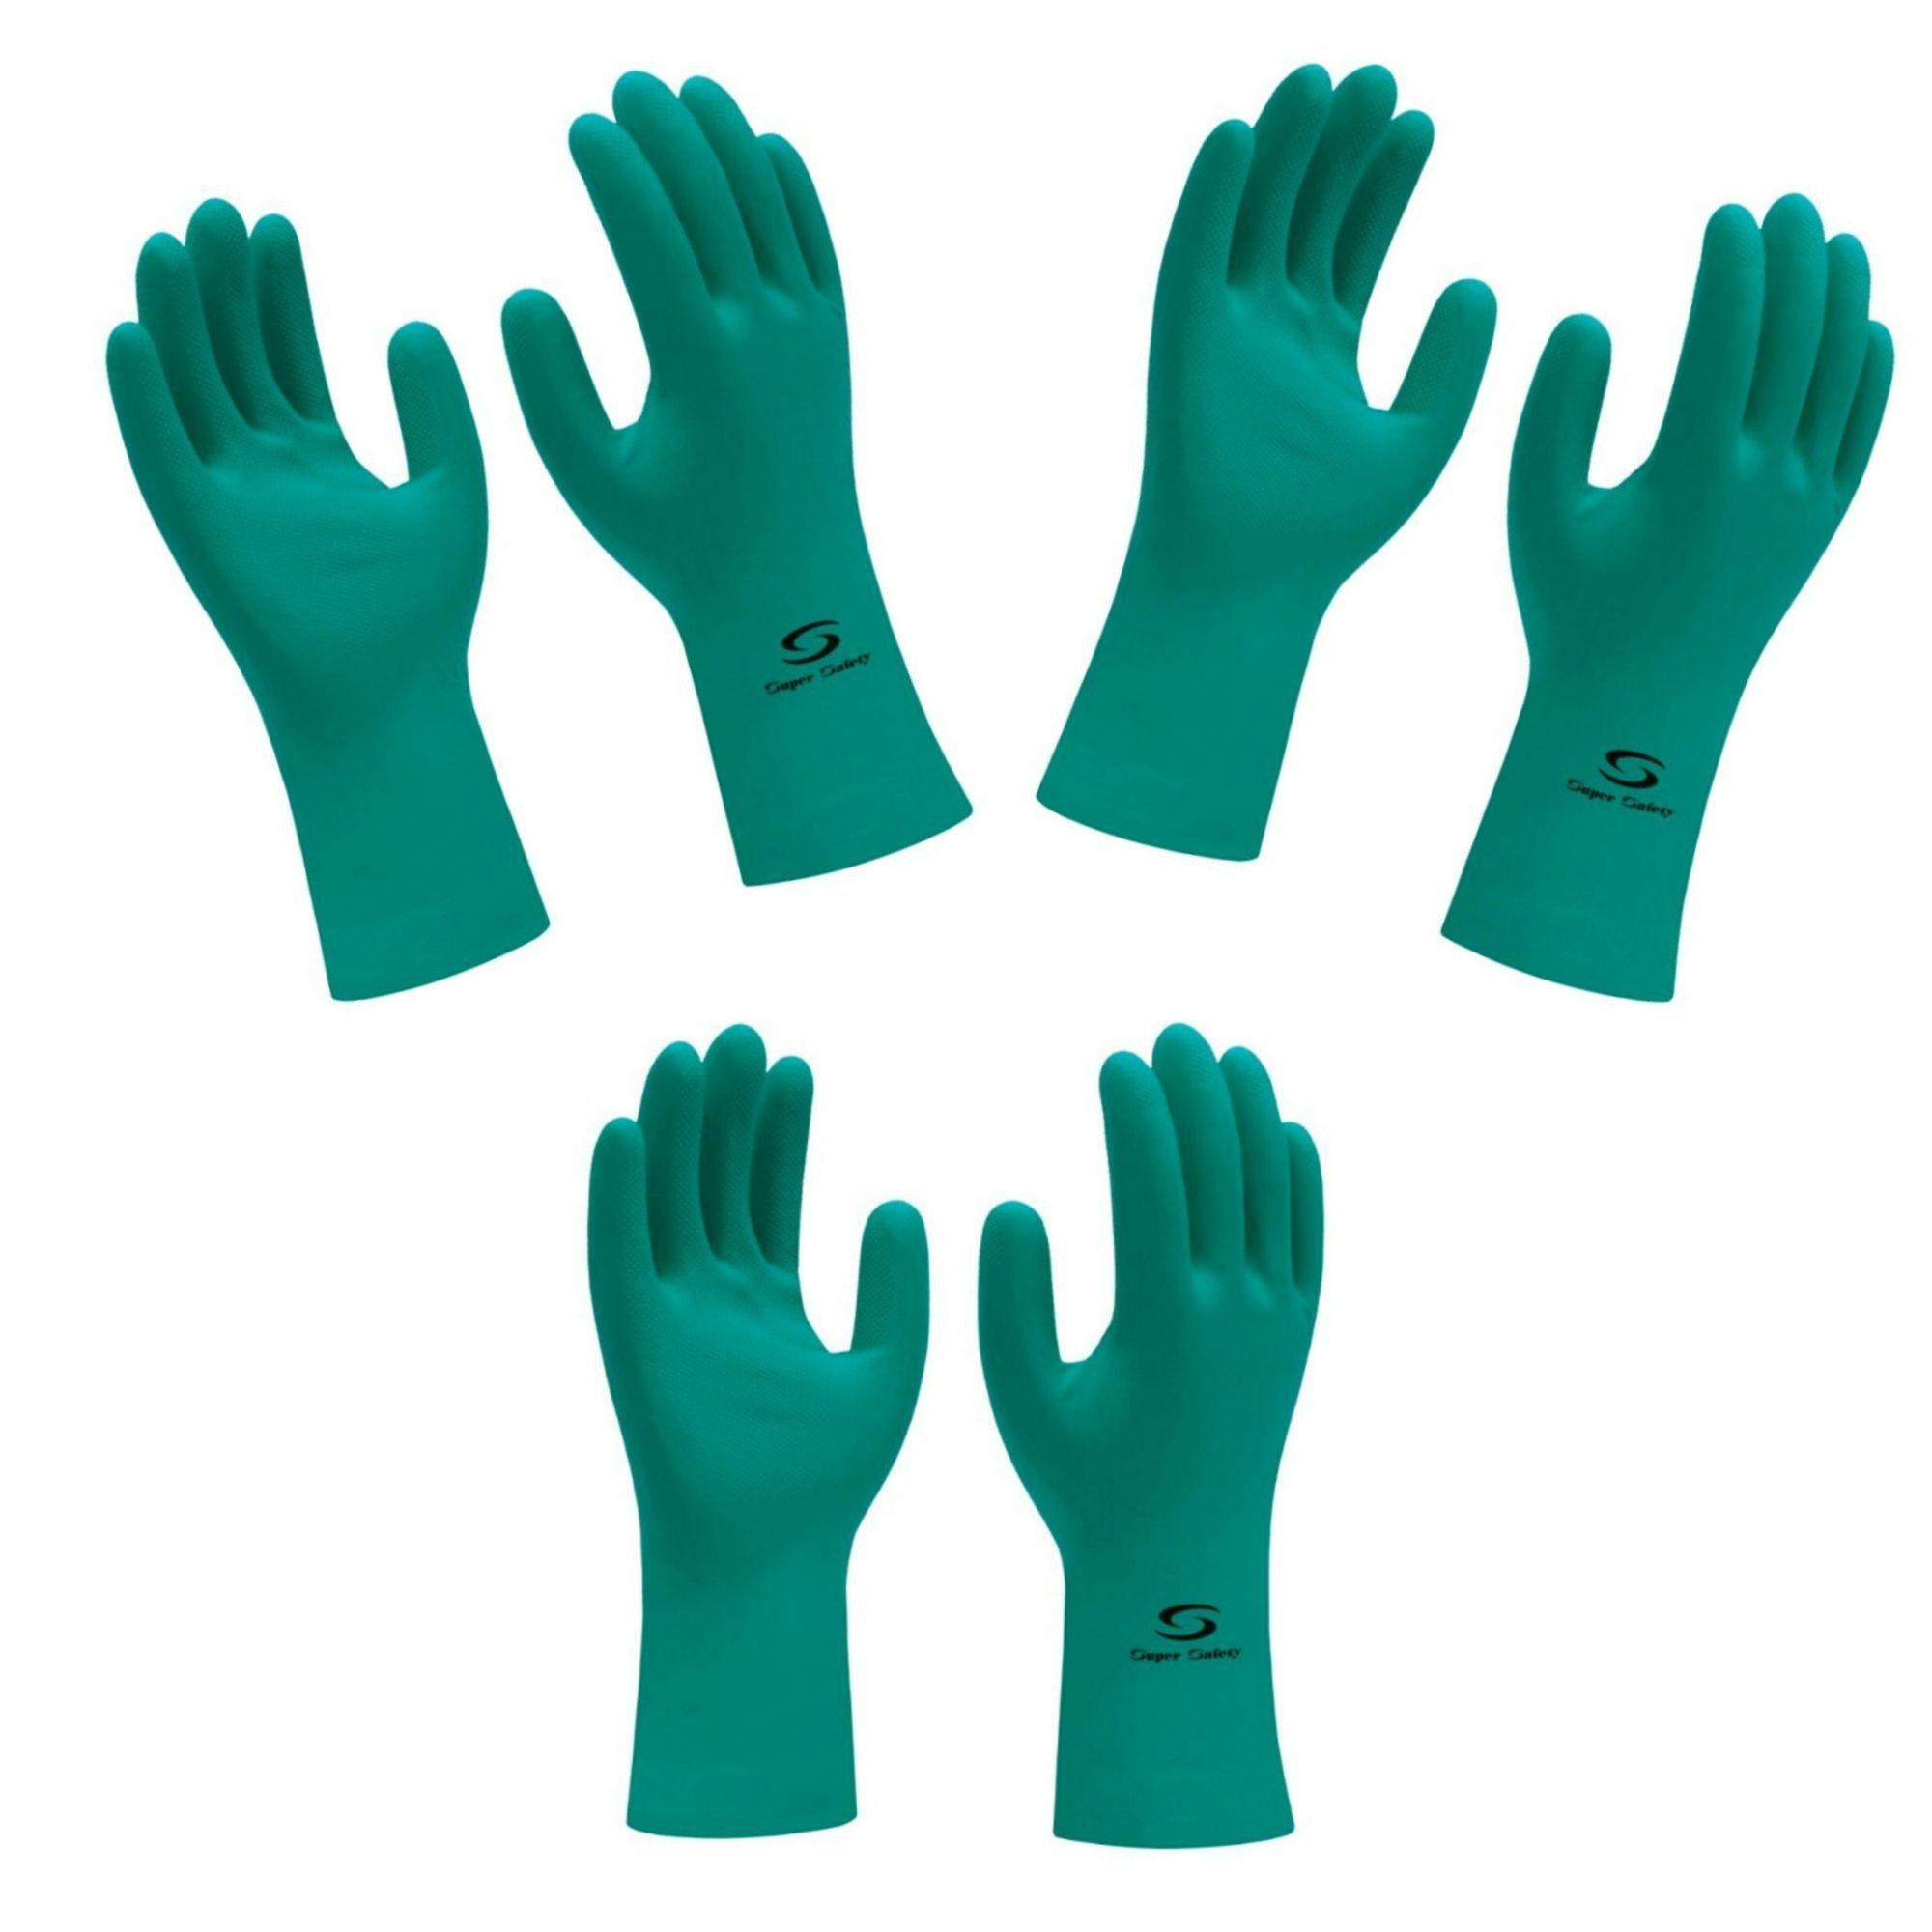 Kit 3 Pares Luva Nitrílica  Verde Nitrogreen - Super Safety- resistente a produtos químicos  - DE PAULA EPI